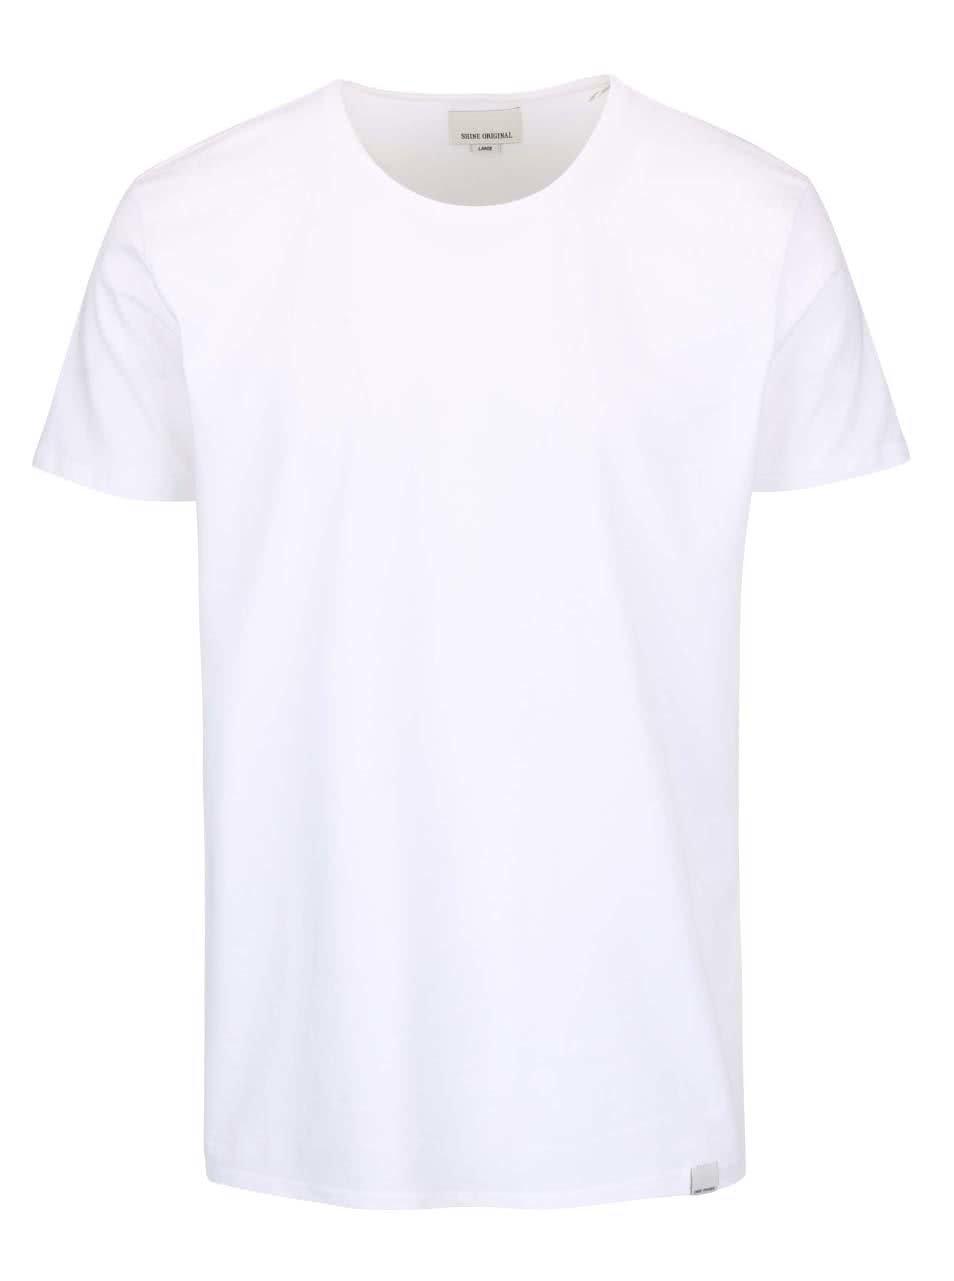 Bílé triko s kulatým výstřihem Shine Original